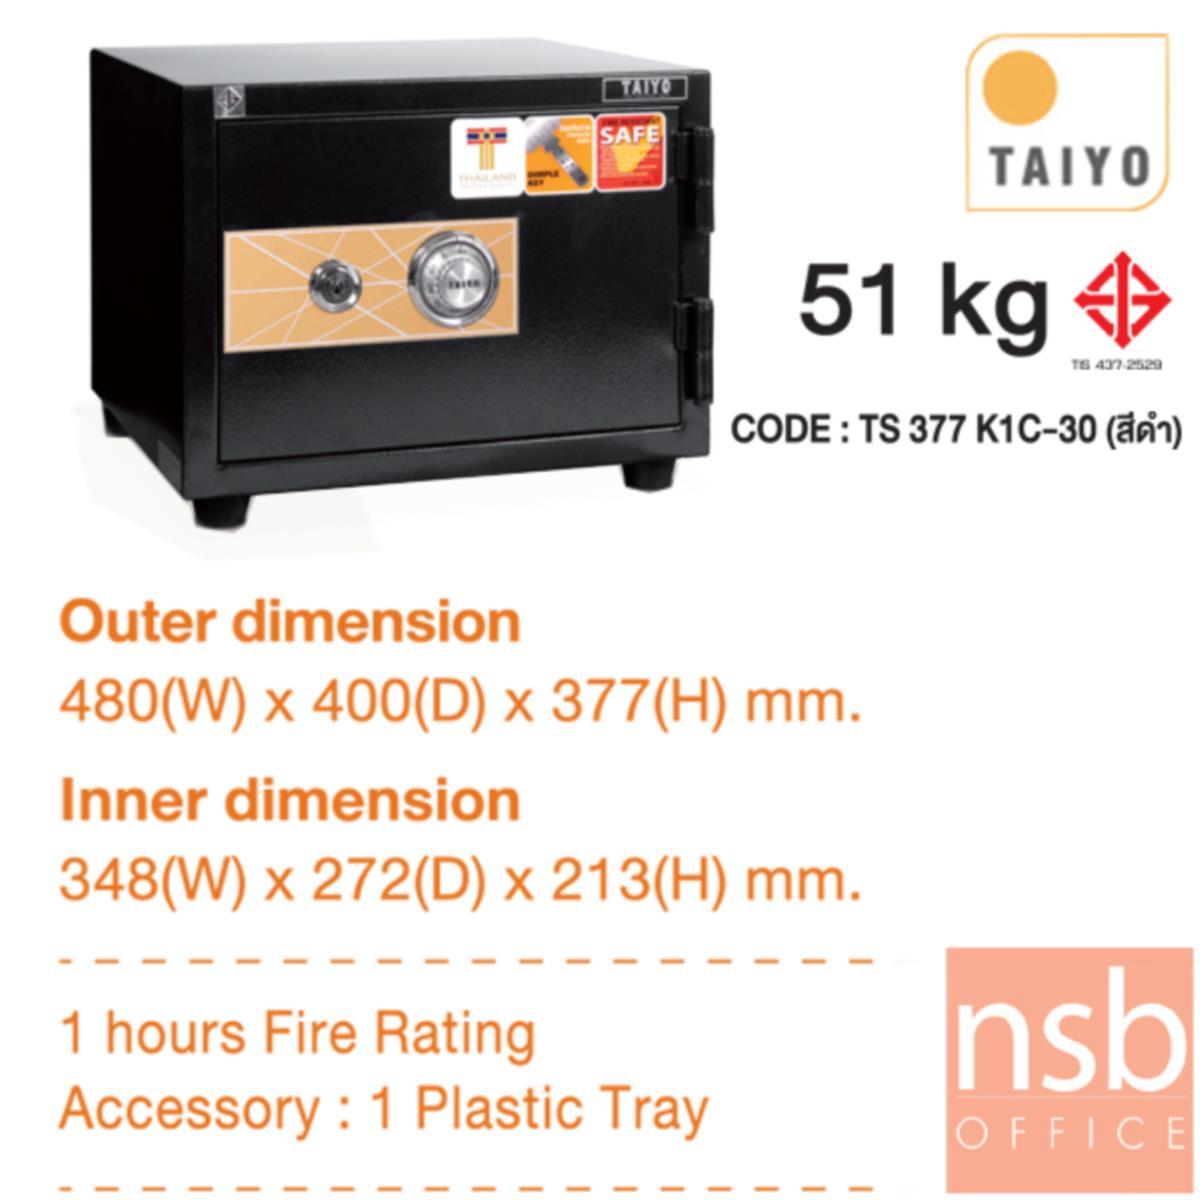 ตู้เซฟ TAIYO 51 กก. 1 กุญแจ 1 รหัส (TS 377 K1C-30) สีดำ